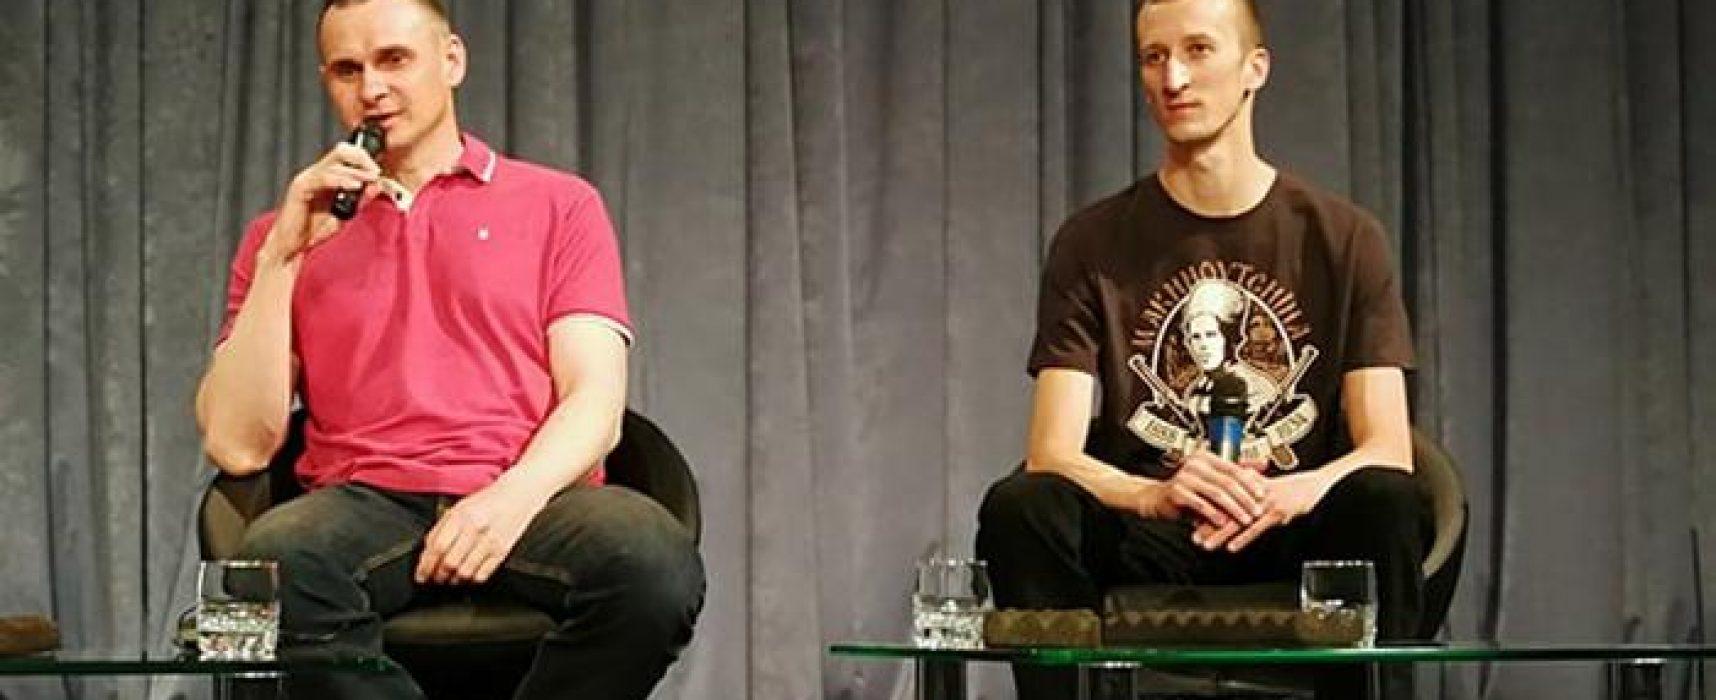 Les déclarations de Sentsov et Koltchenko lors de leur première conférence de presse à Kyiv